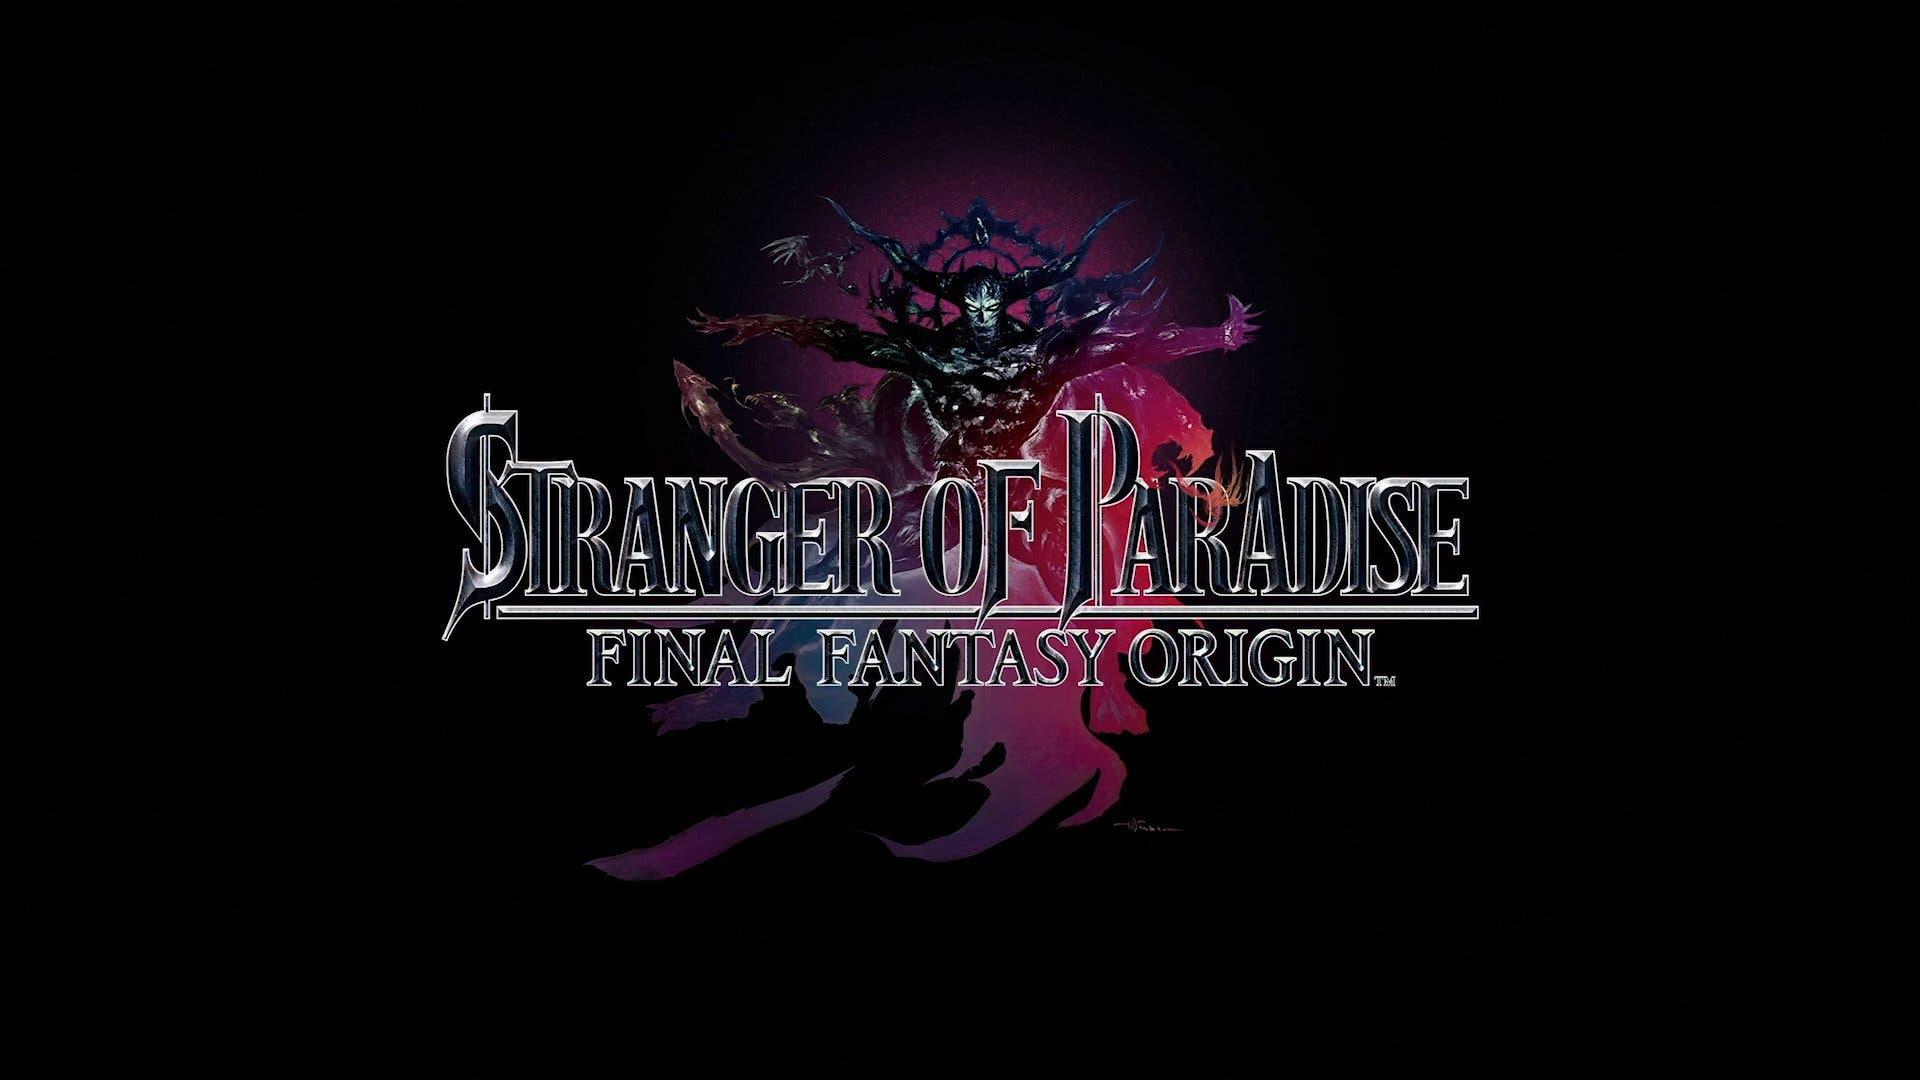 La demo de Stranger of Paradise Final Fantasy Origin no se puede jugar ya que sus datos están corruptos 3